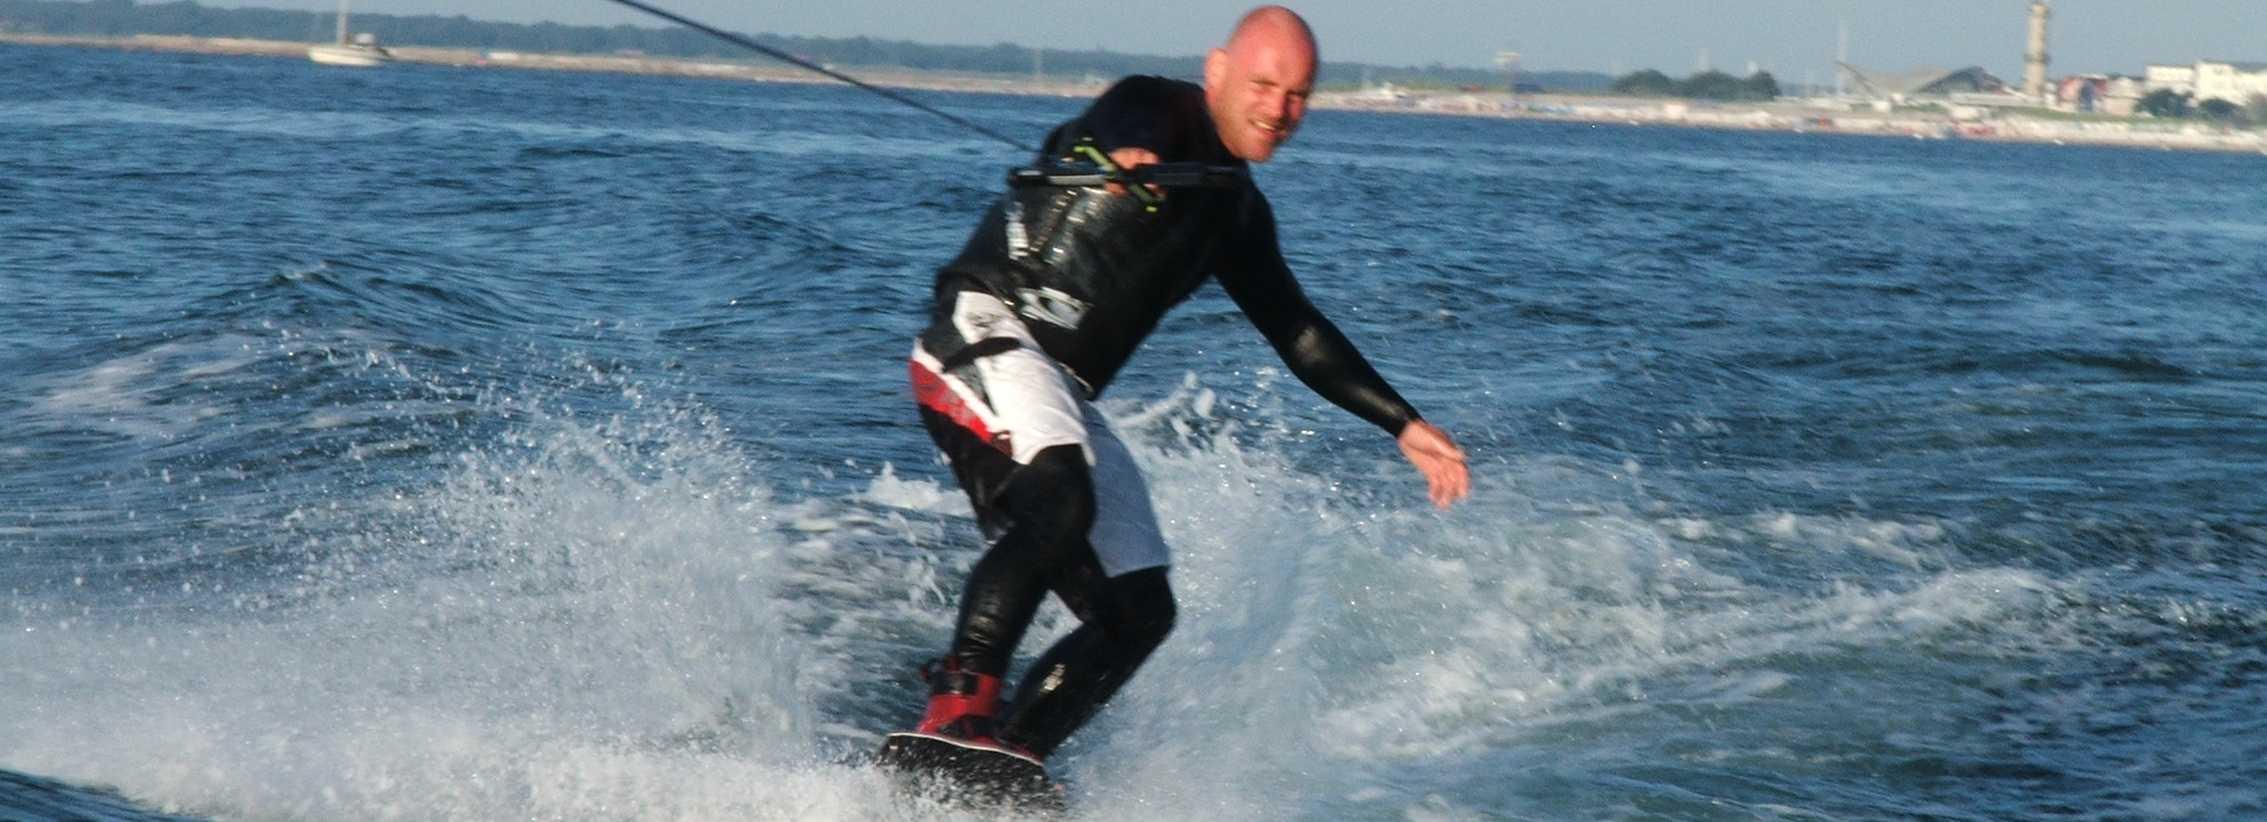 Wakeboardfahren vor dem Warnemünder Leuchtturm